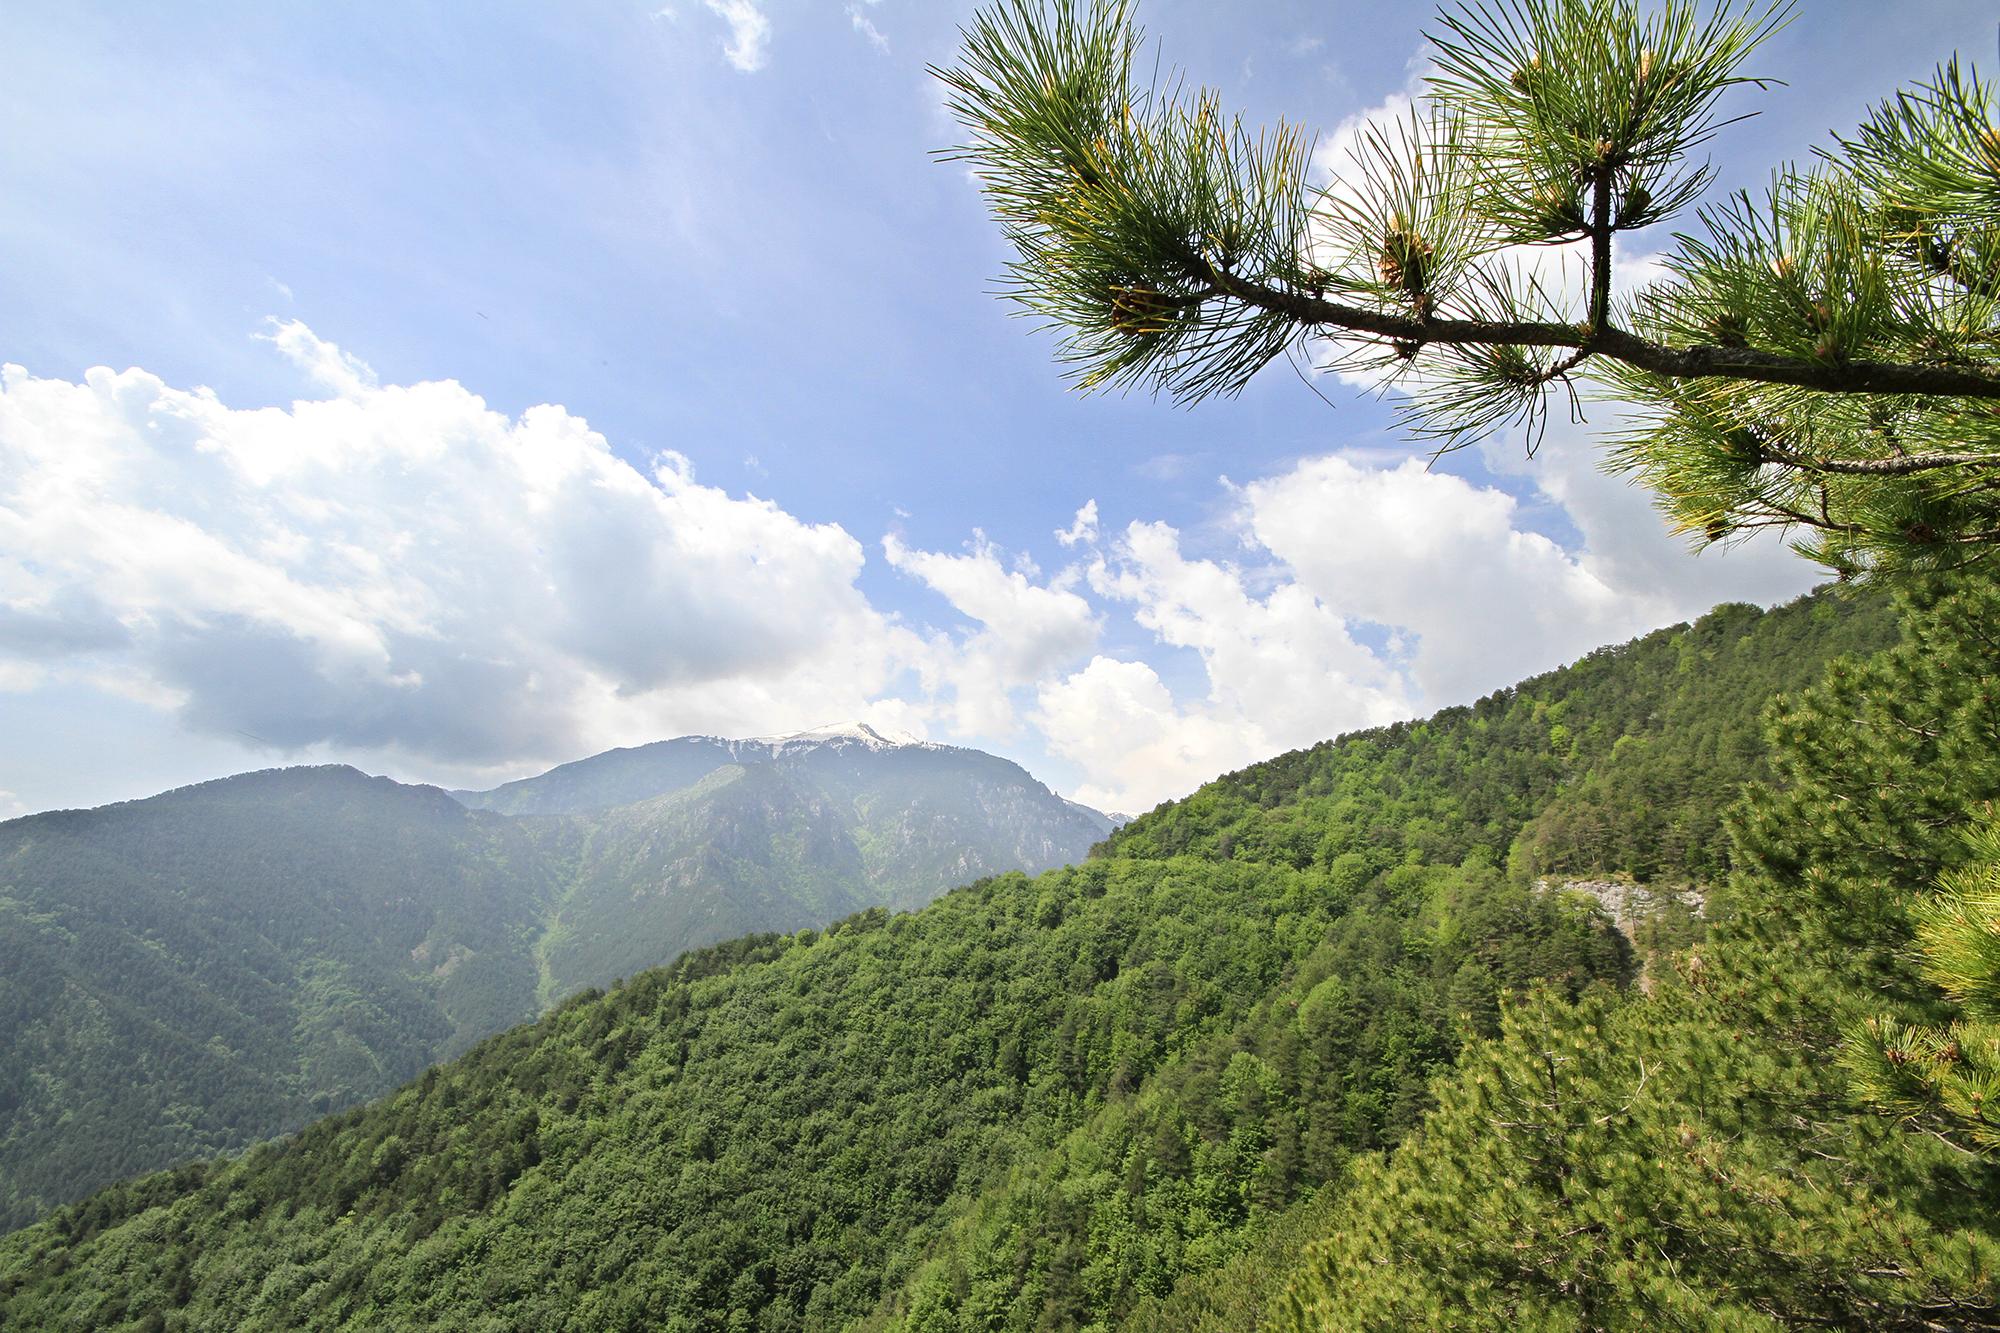 Mt. Olympus vista